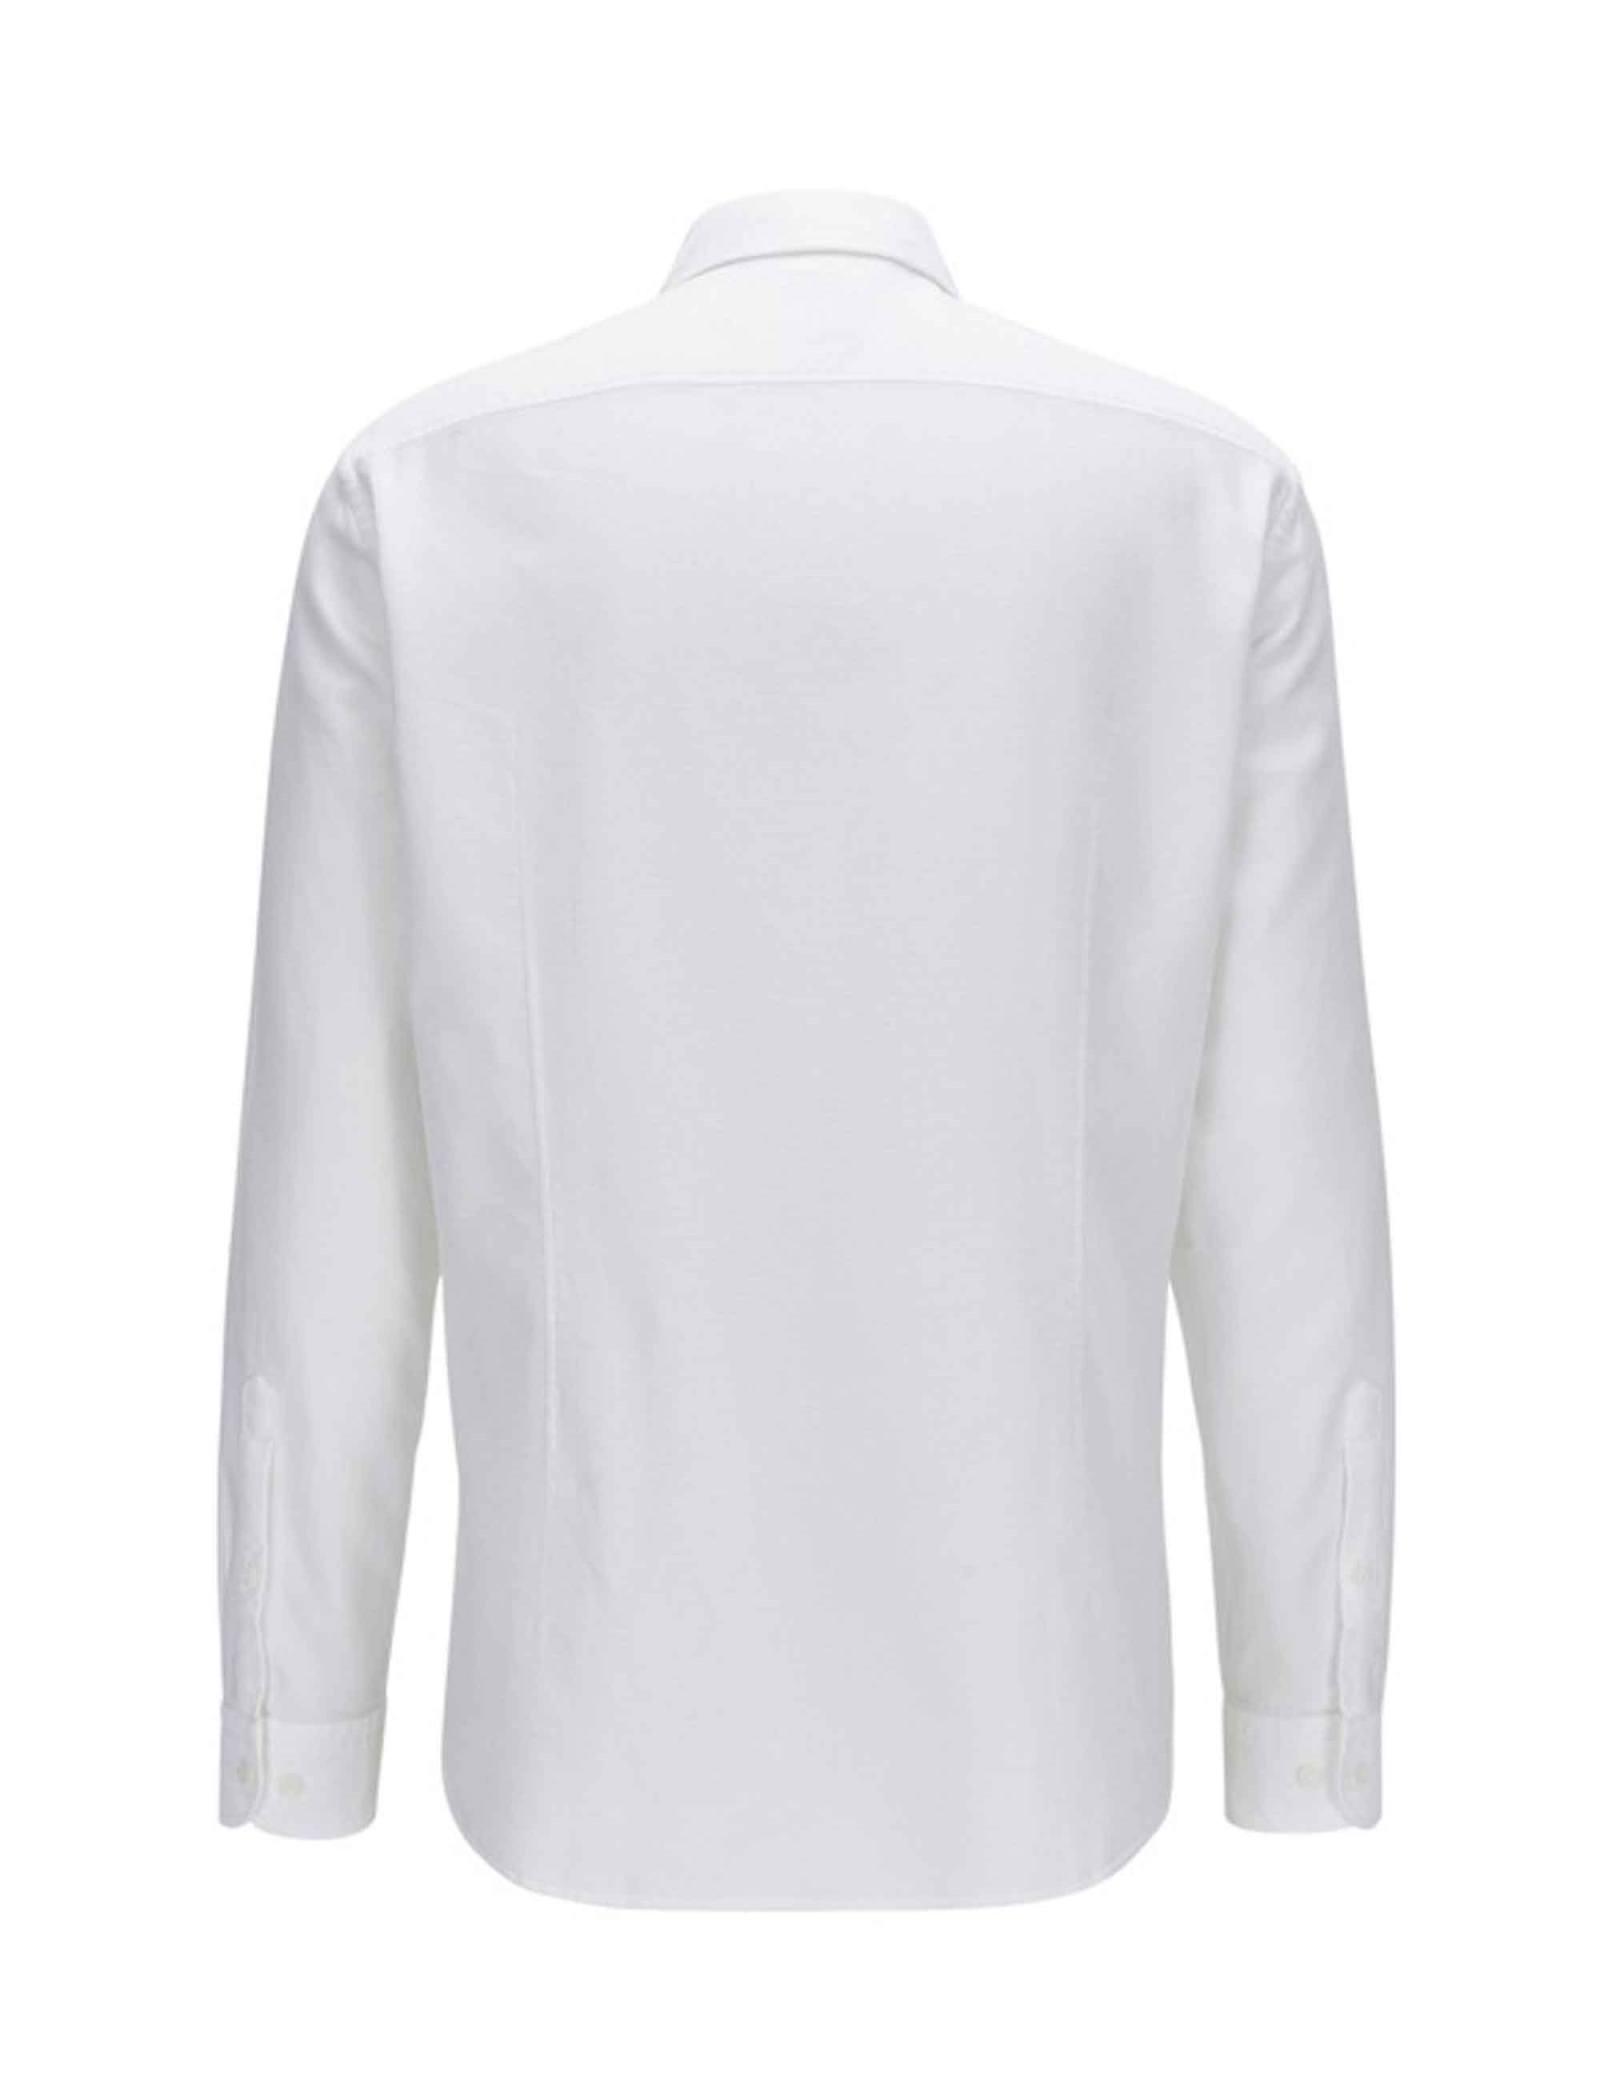 پیراهن نخی آستین بلند مردانه BISEV_R - باس - سفيد - 3